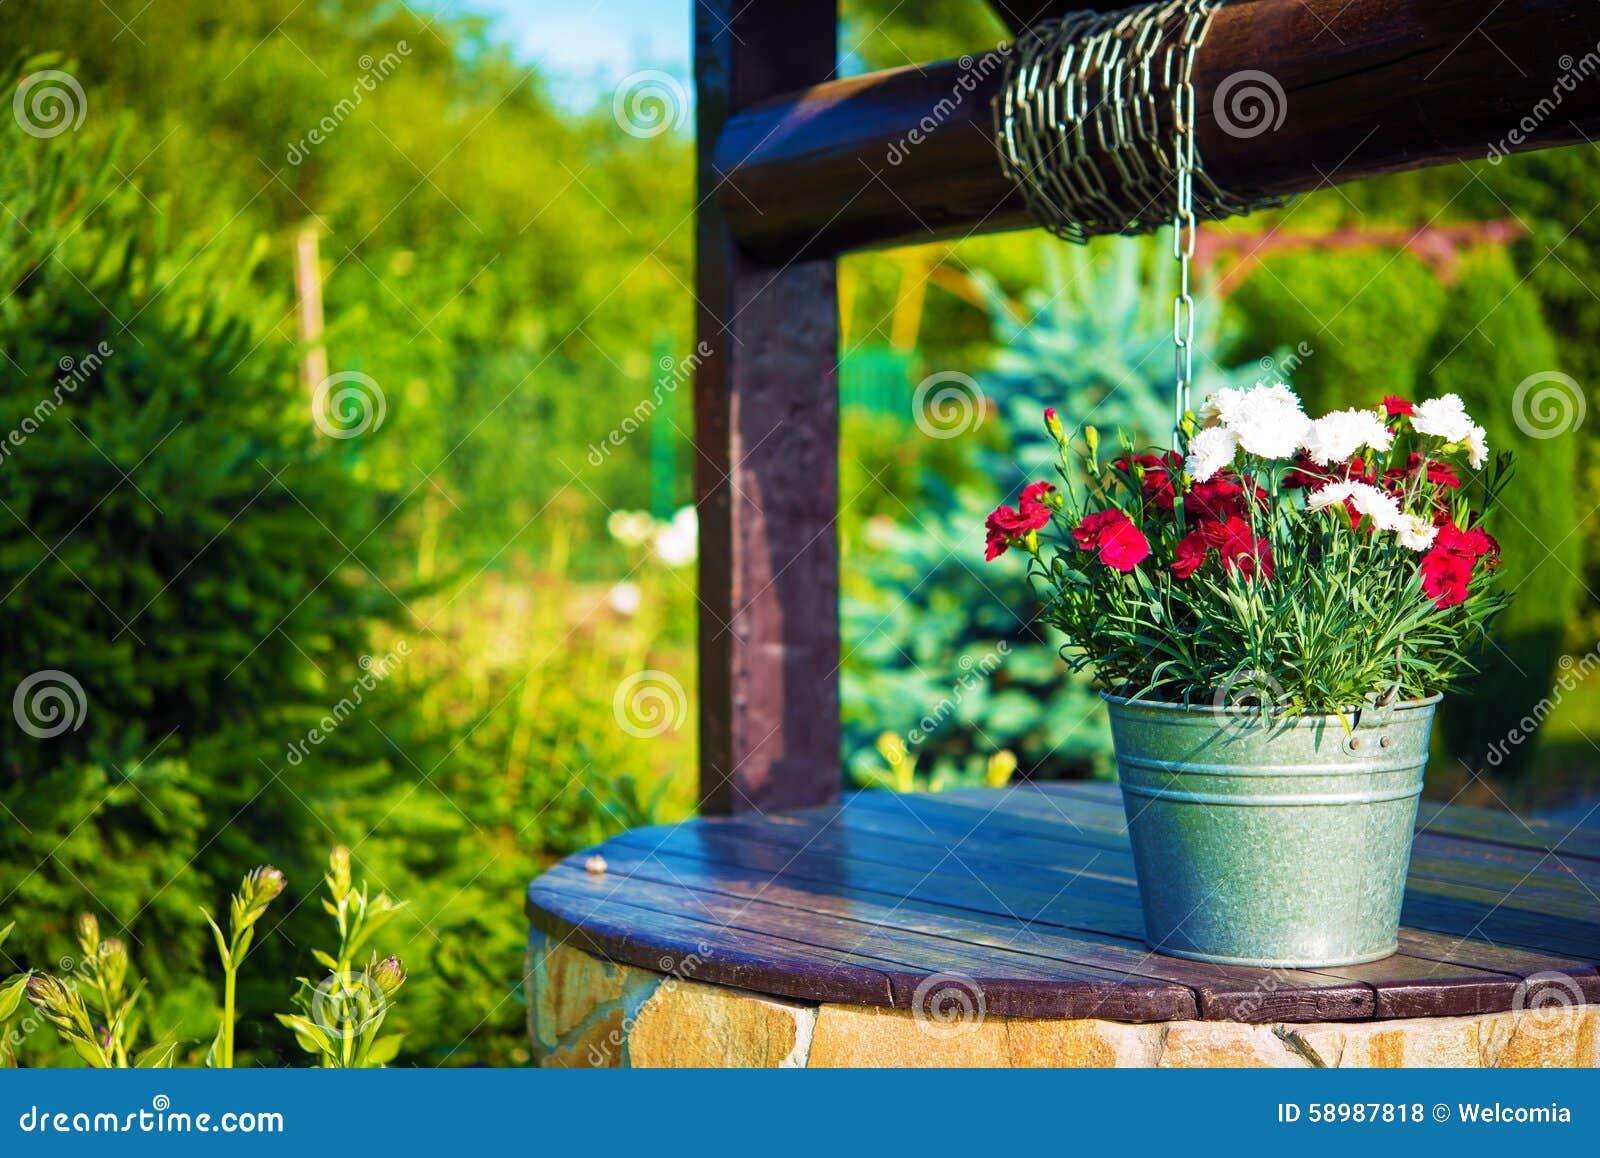 Secchio dei fiori su un pozzo fotografia stock immagine for Plantas perennes exterior